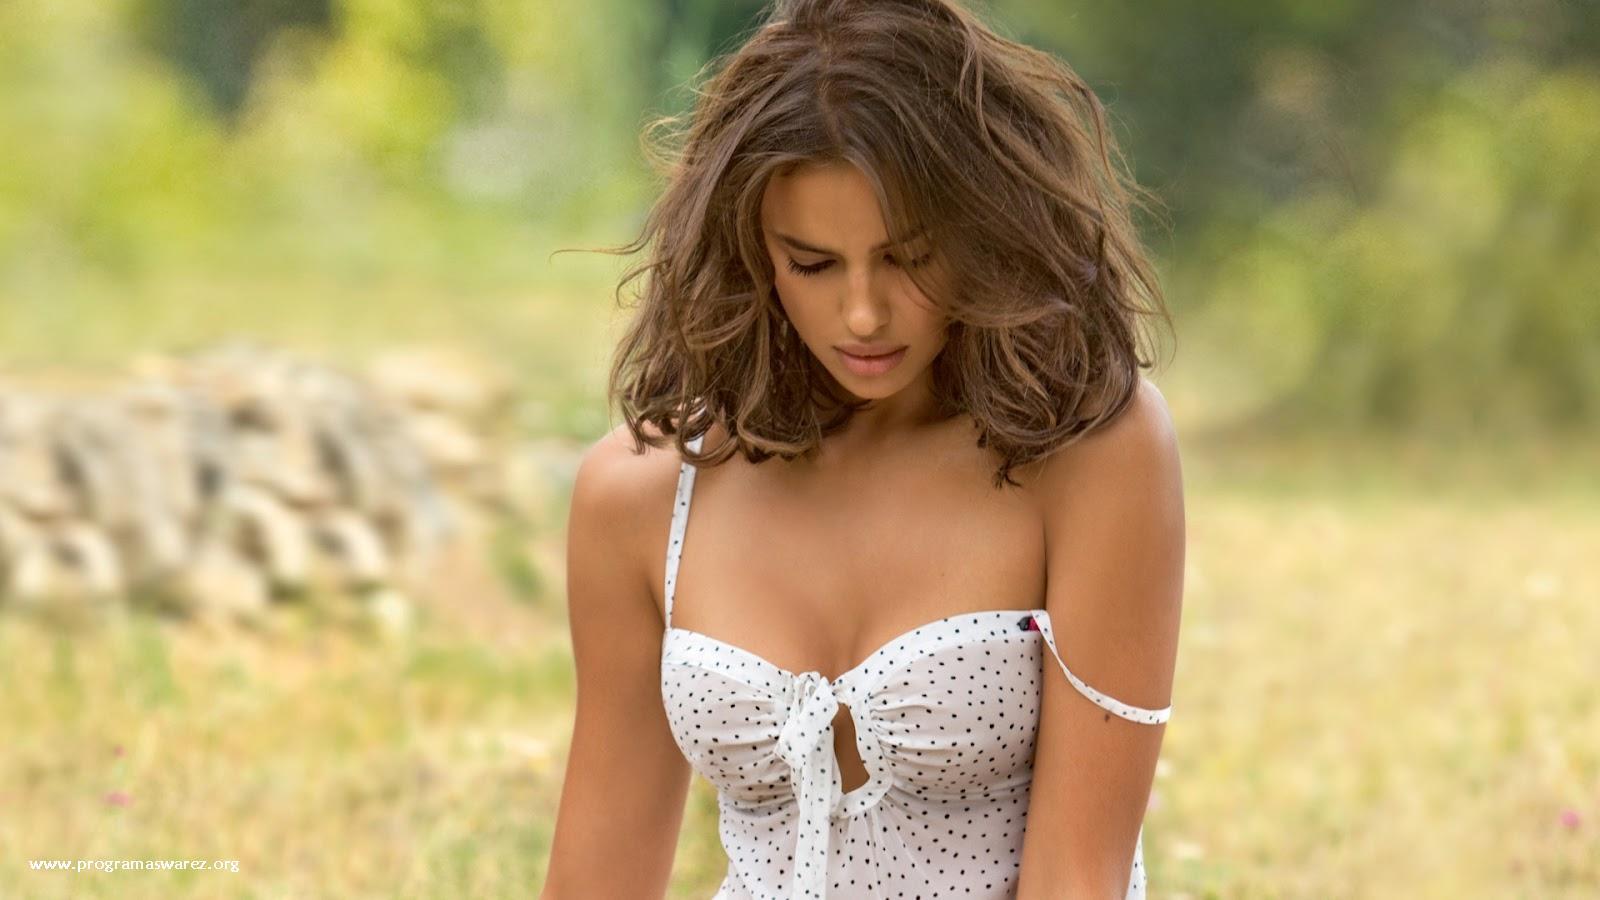 Fotos De Chicas Sexis de La Web